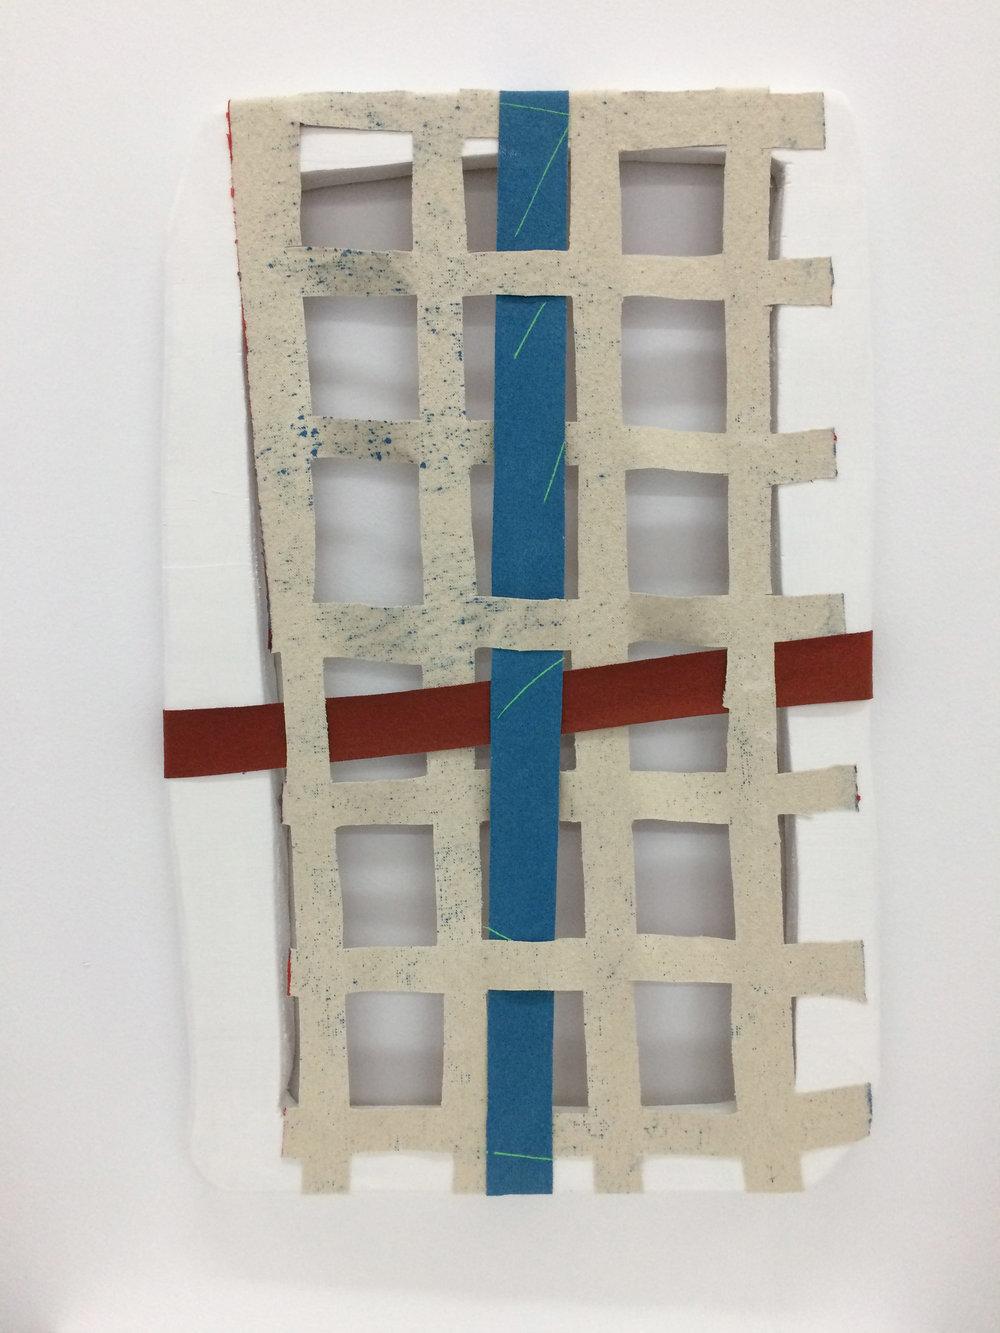 Anverso, reverso y un cruce  , 2017  Acrílico, lienzo y madera  39 x 59 cm